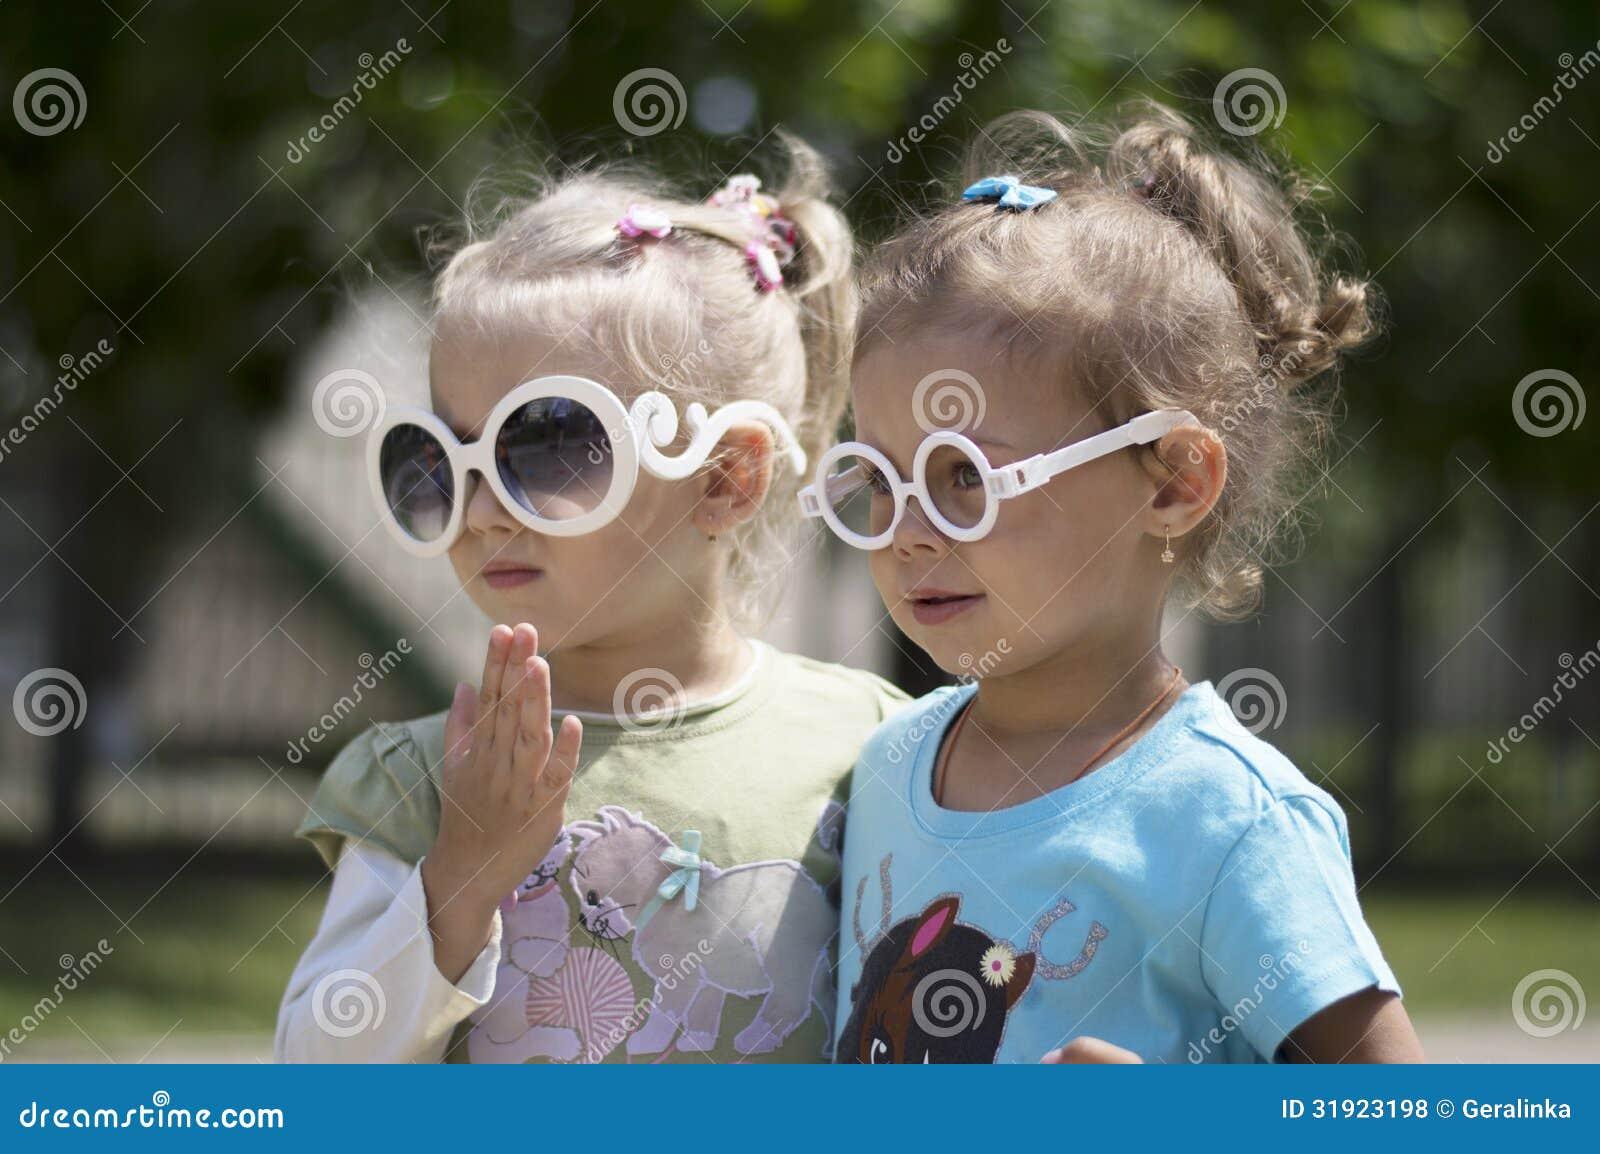 戴眼镜的两个小女孩